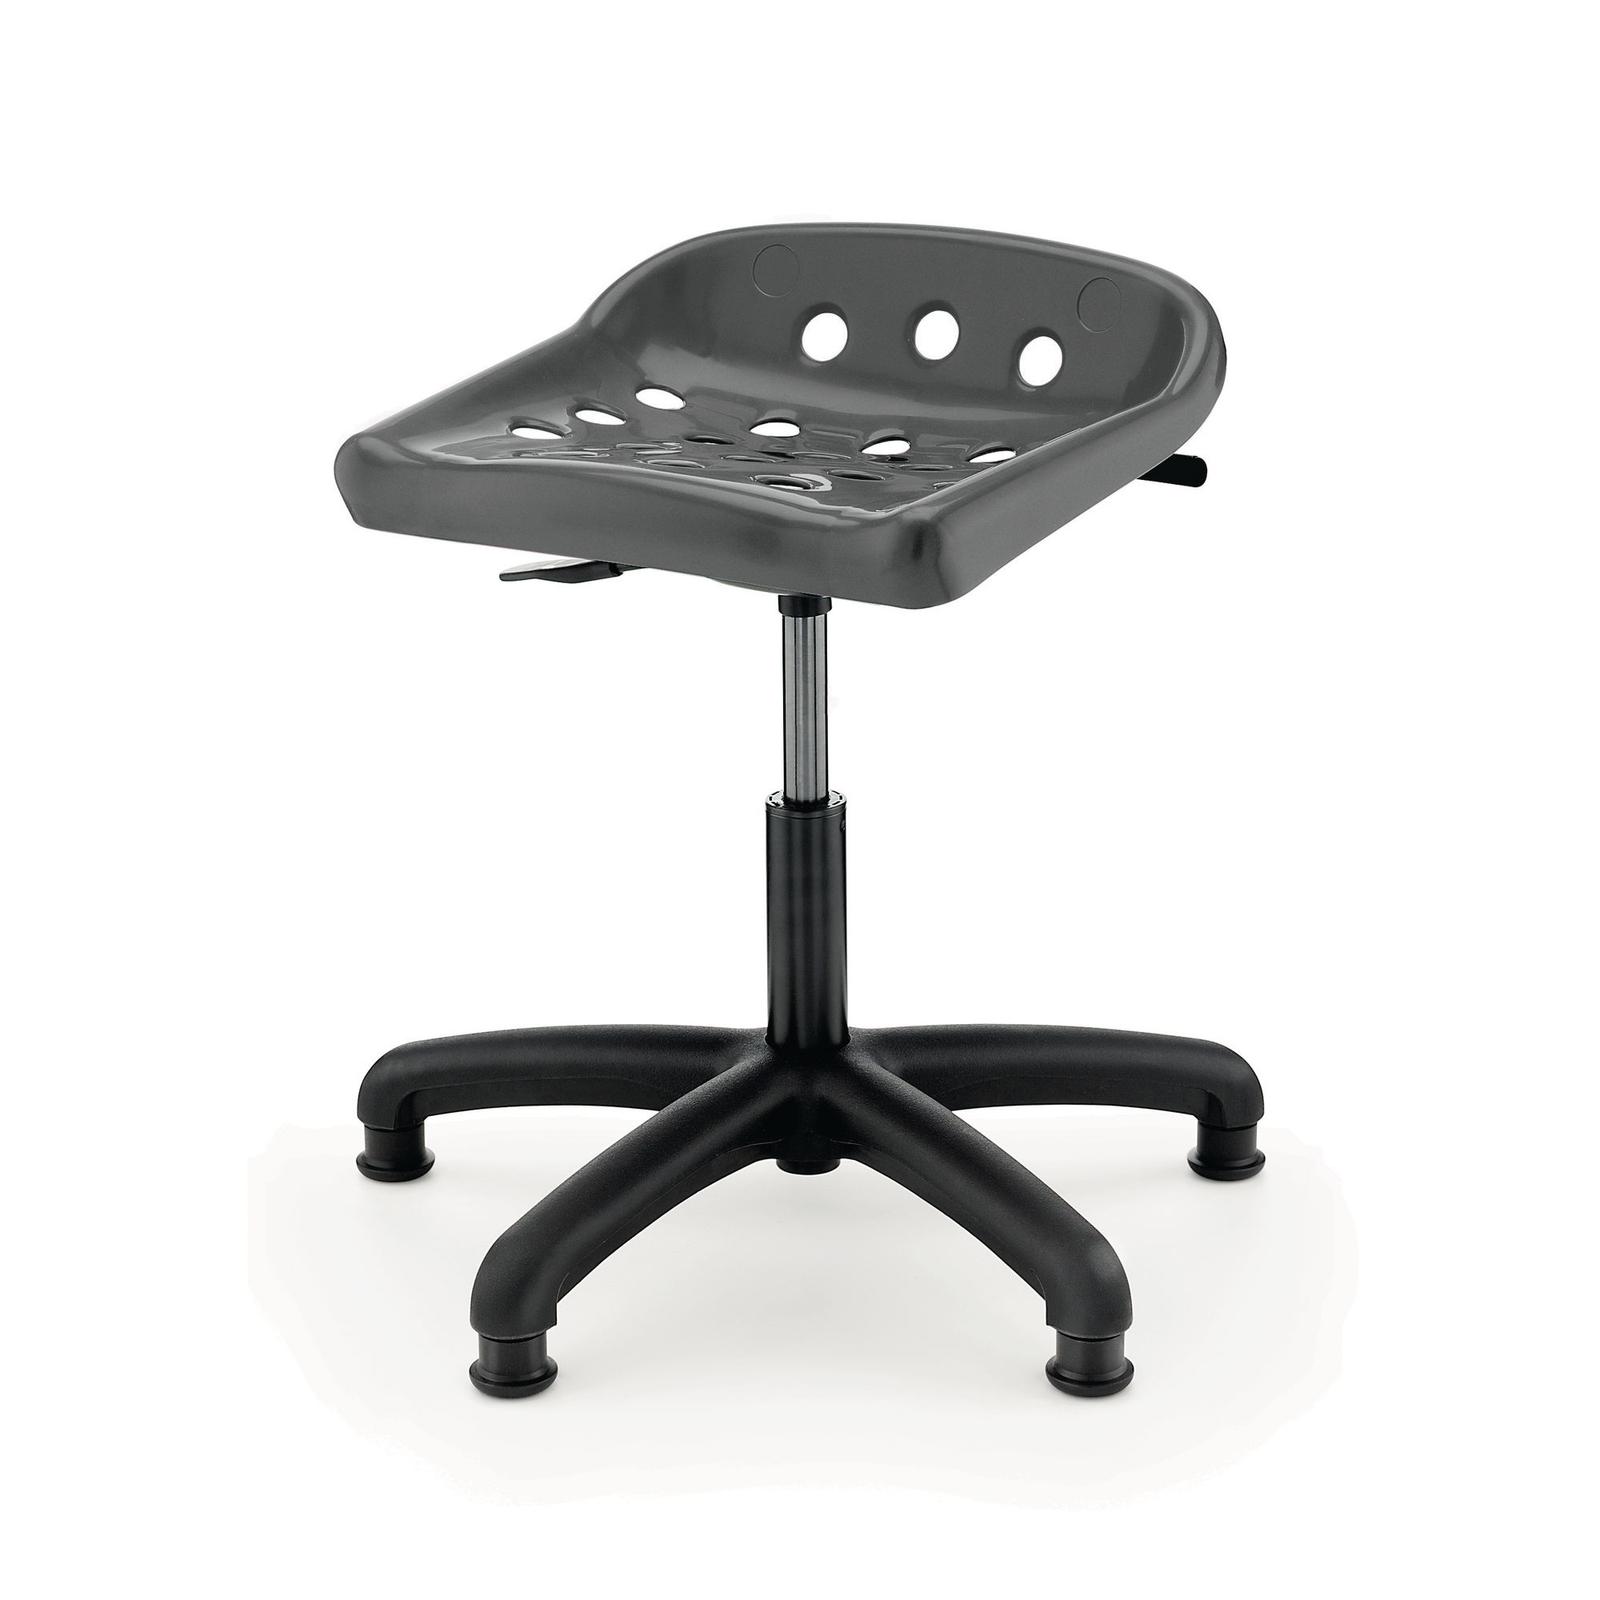 Pepperpot Swivel Chair - Grey